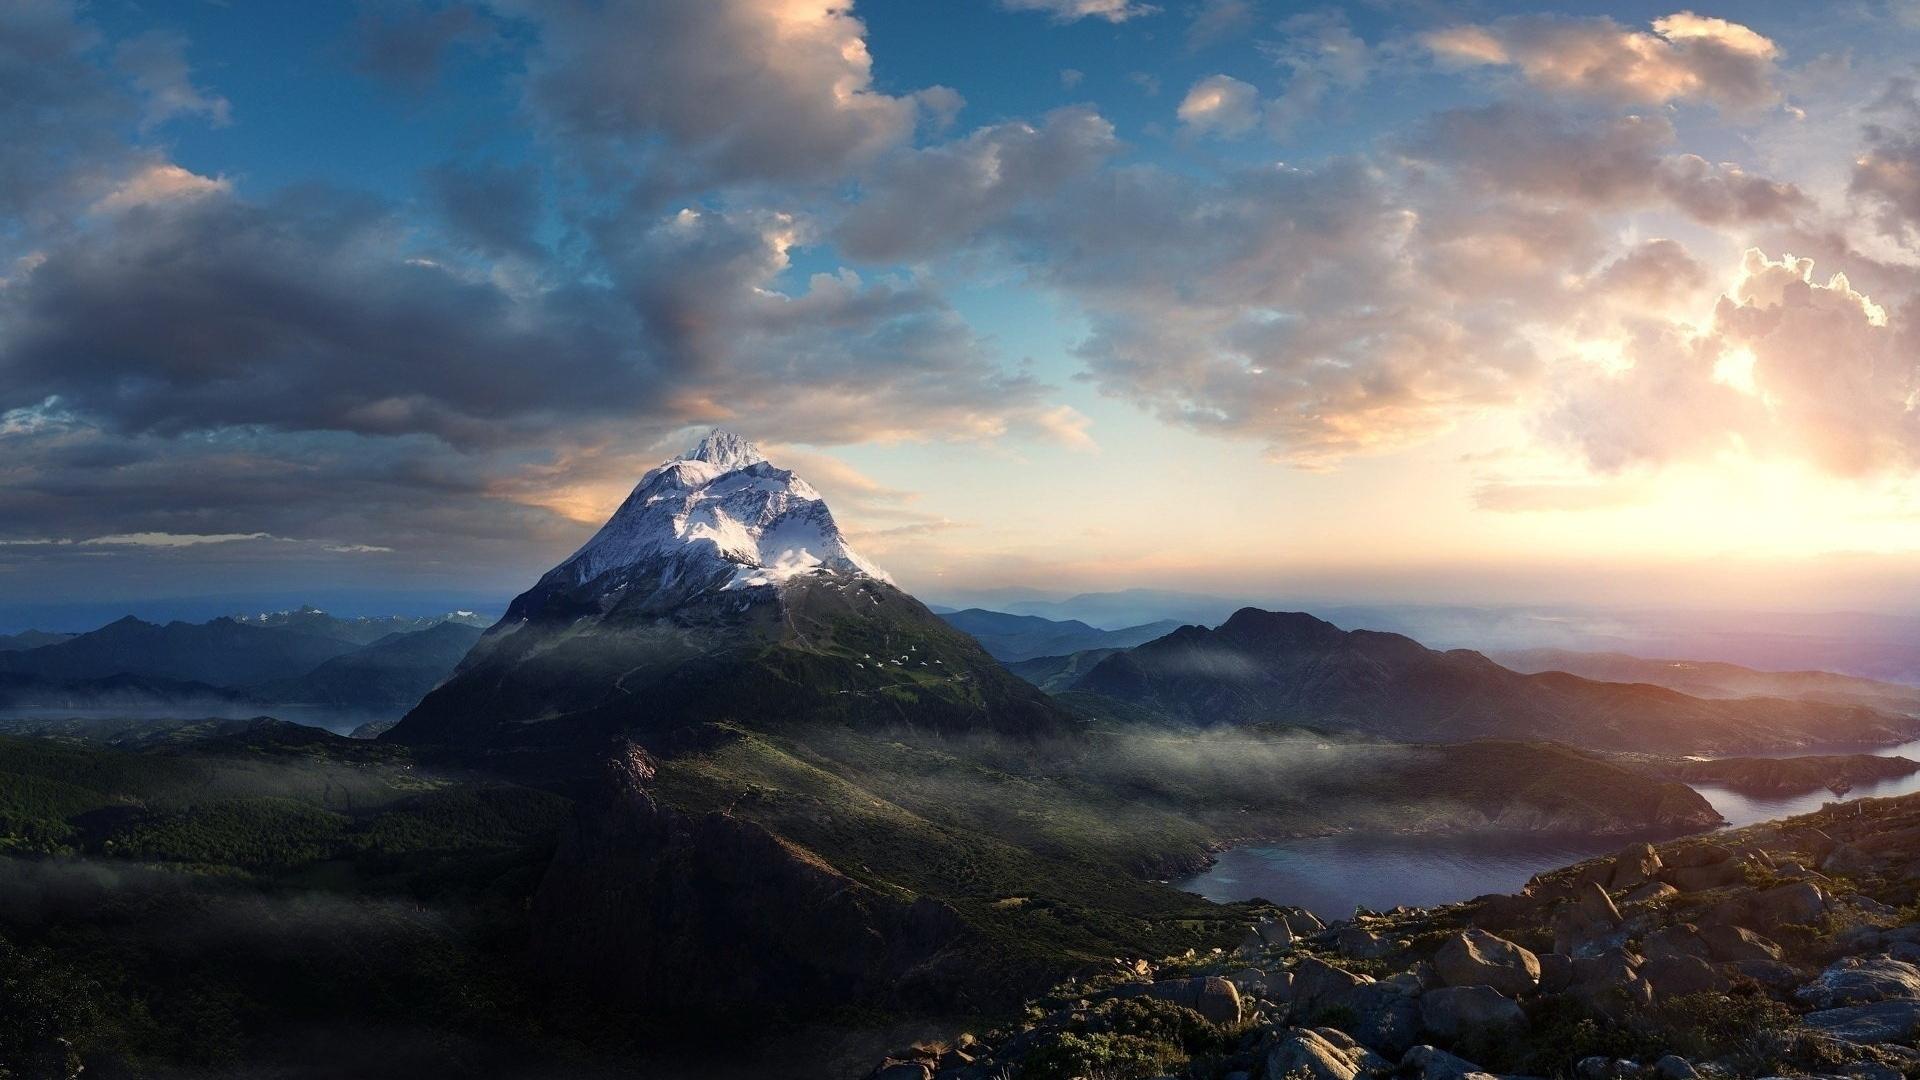 6890719-mountain-top-wallpaper